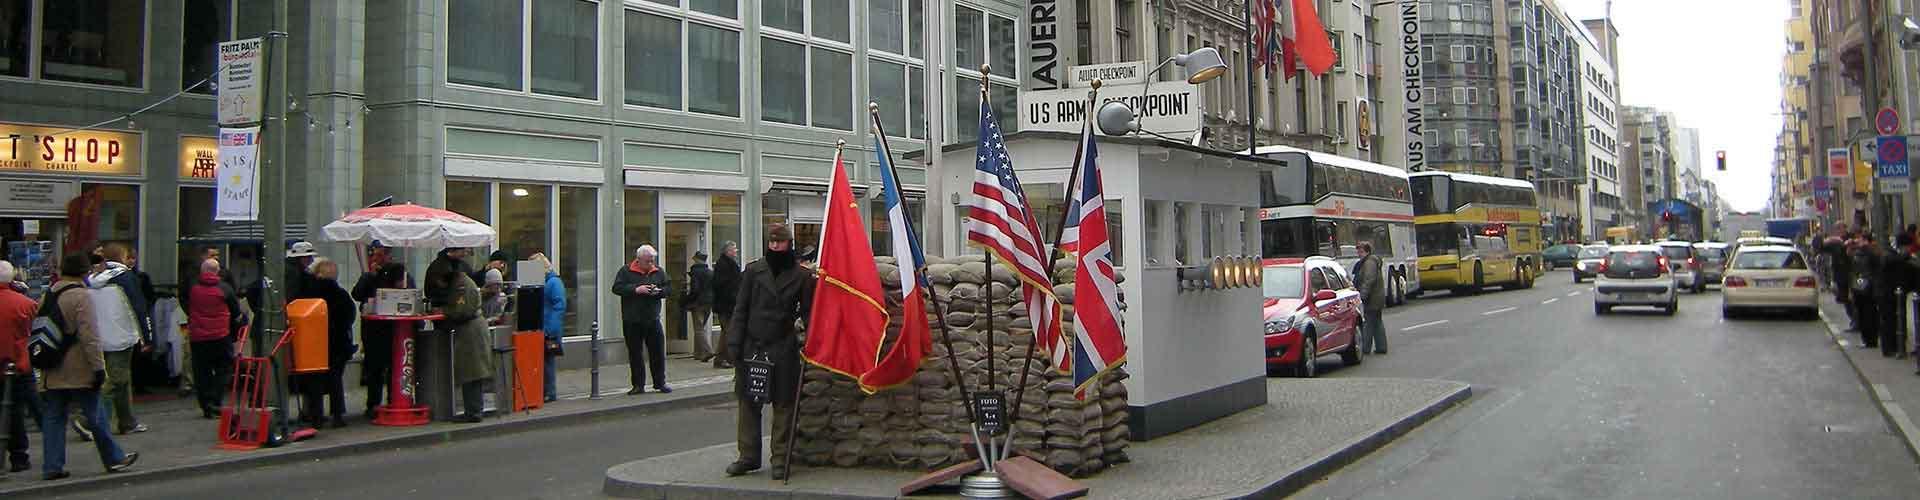 Berlín - Hoteles baratos cerca a Checkpoint Charlie. Mapas de Berlín, Fotos y comentarios de cada Hotel en Berlín.